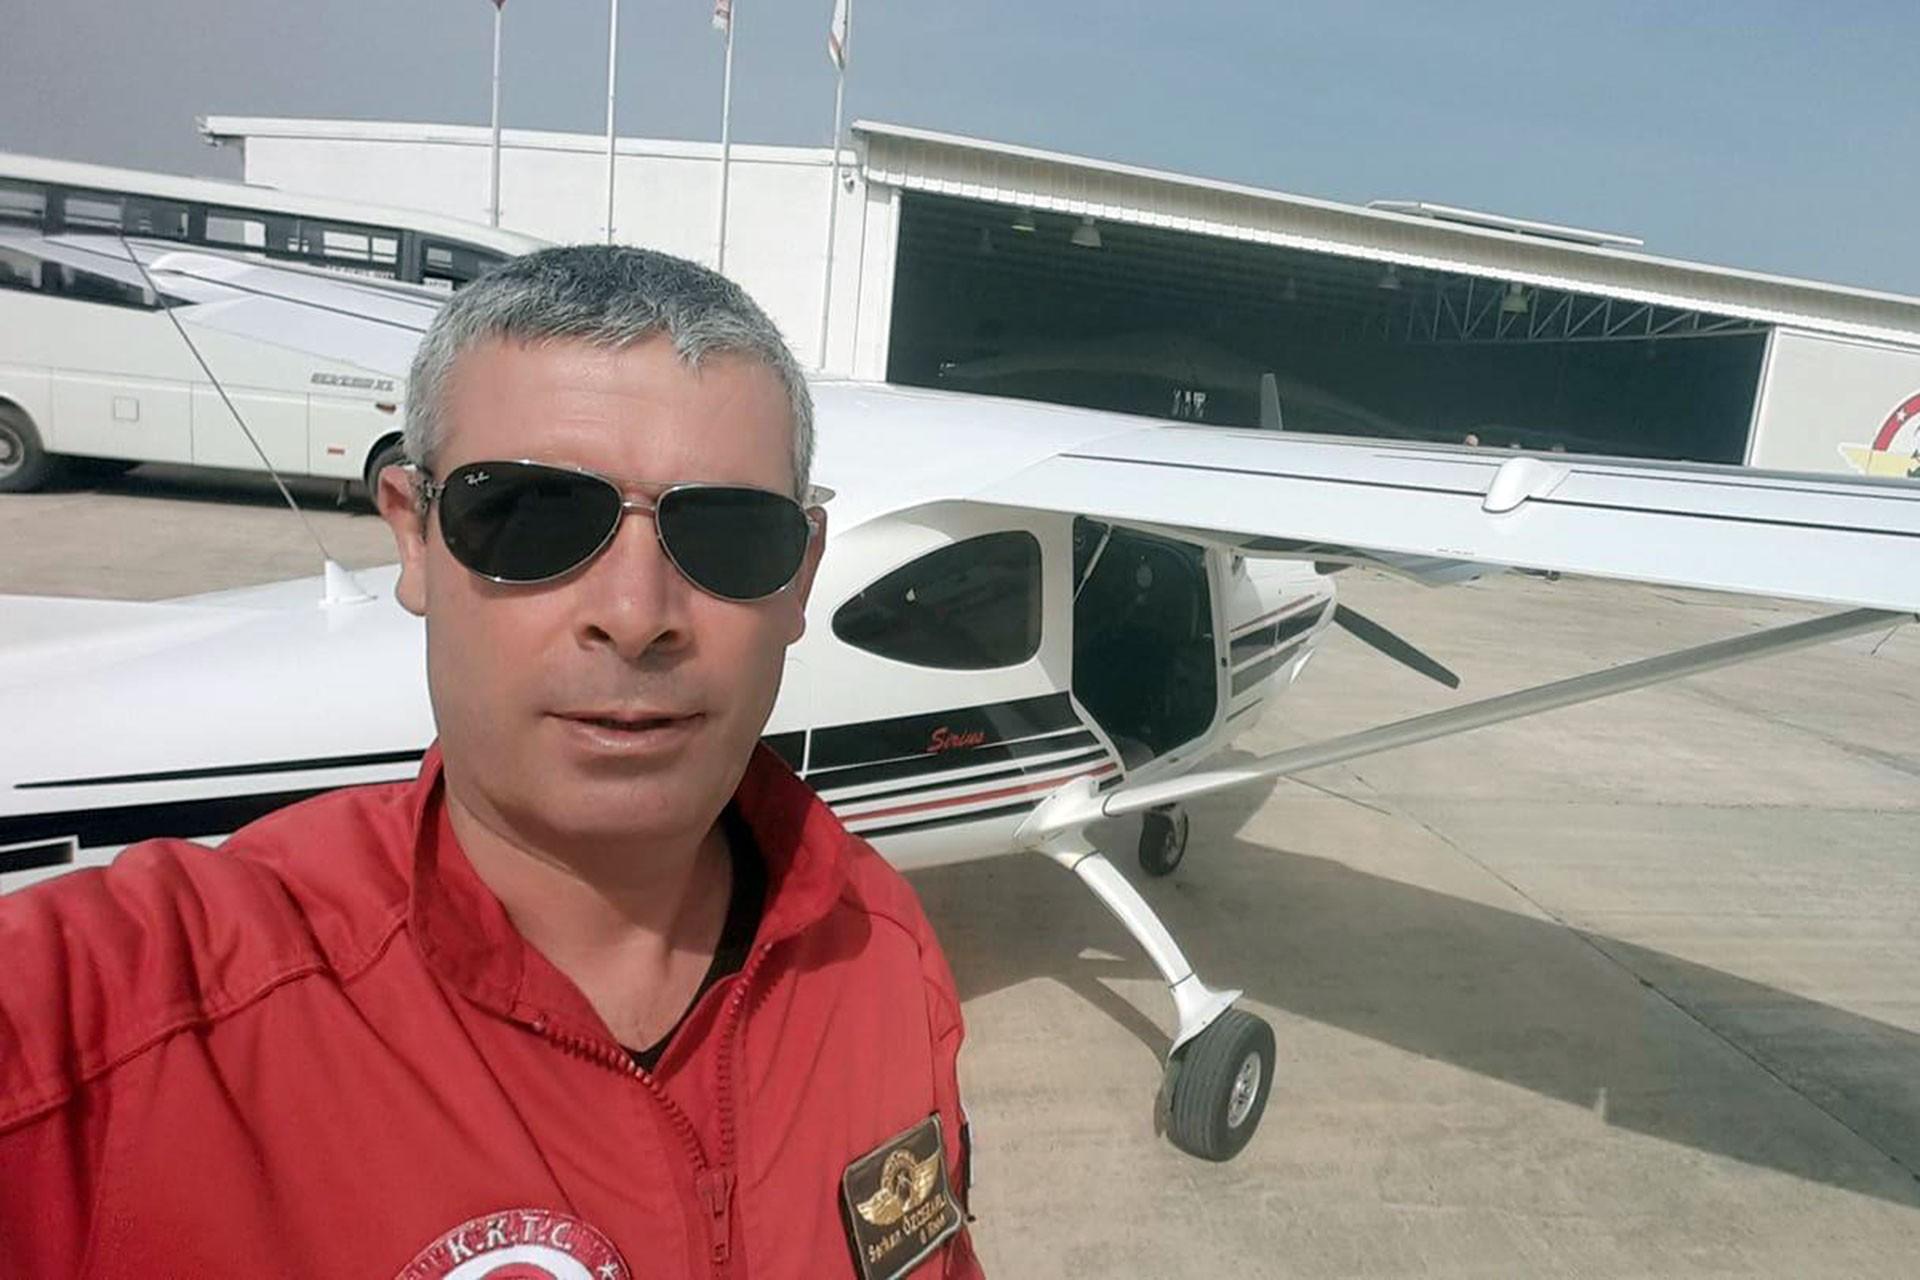 KKTC'de eğitim uçağı düştü, 2 kişi hayatını kaybetti